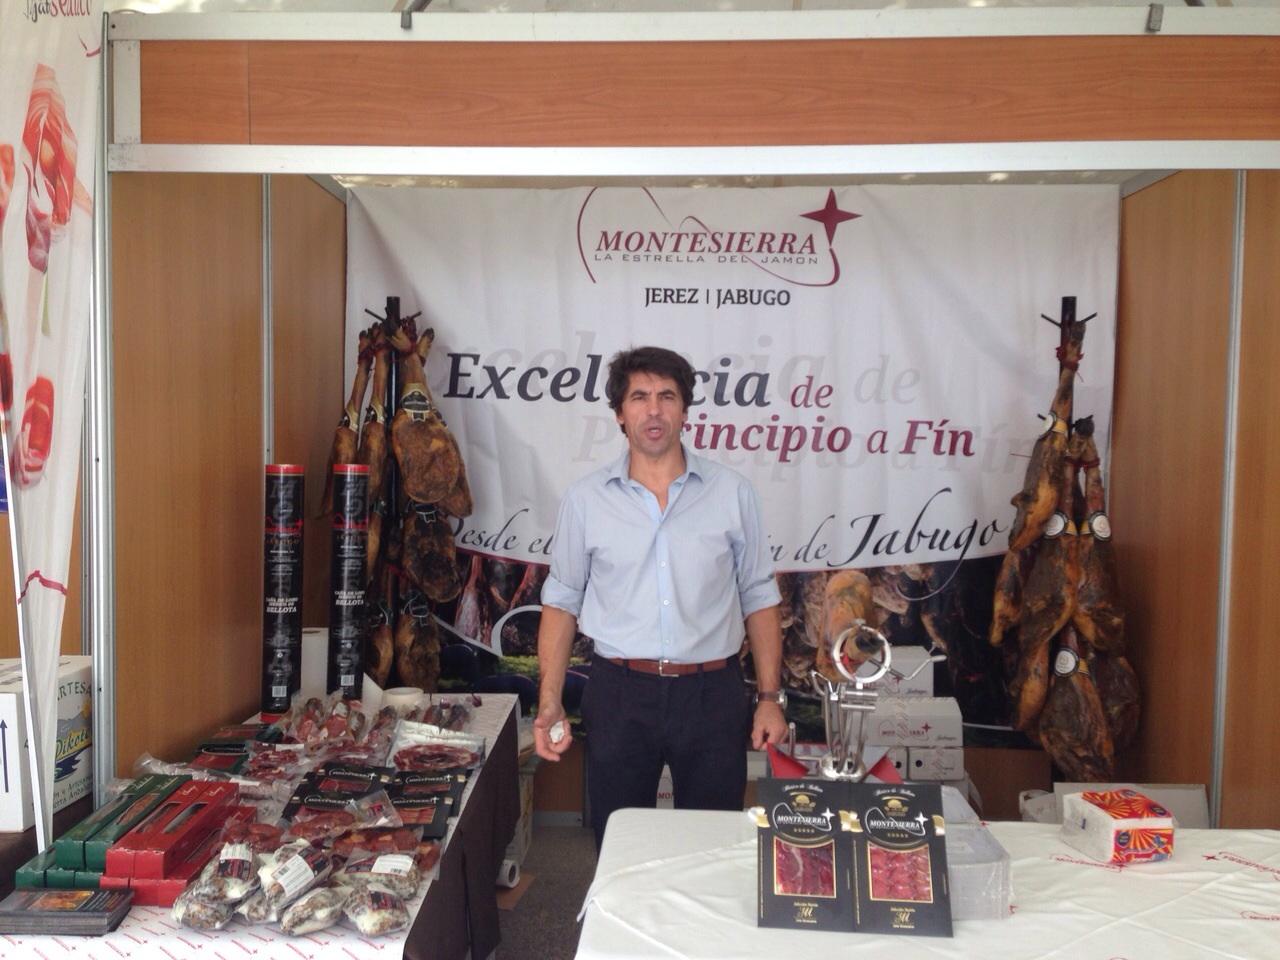 Montesierra - Segunda Feria del jamón y productos ibéricos de cerdo ibérico de cebo